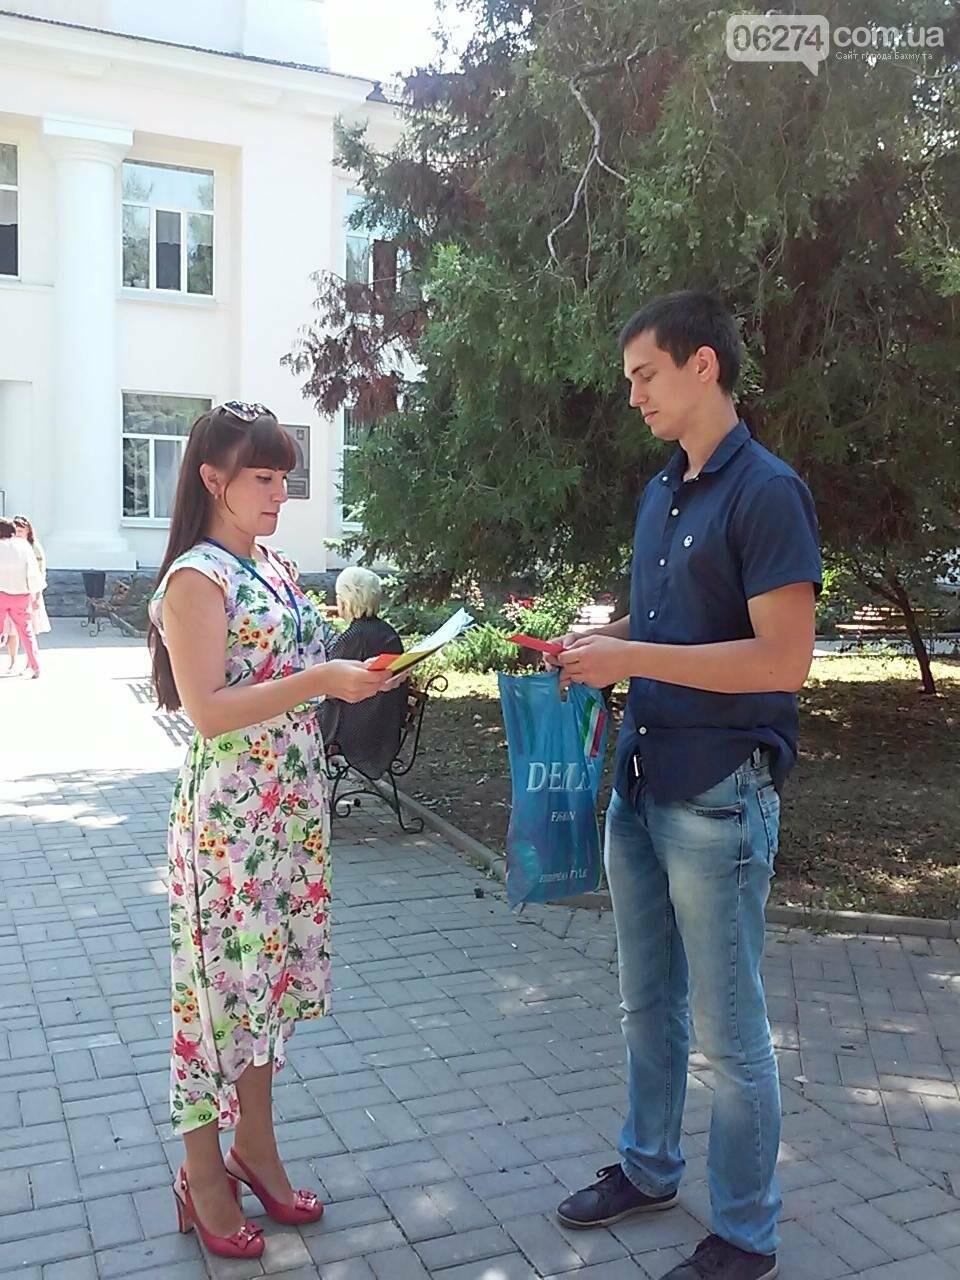 За полгода в Донецкой области разоблачили семь фактов торговли людьми, фото-2